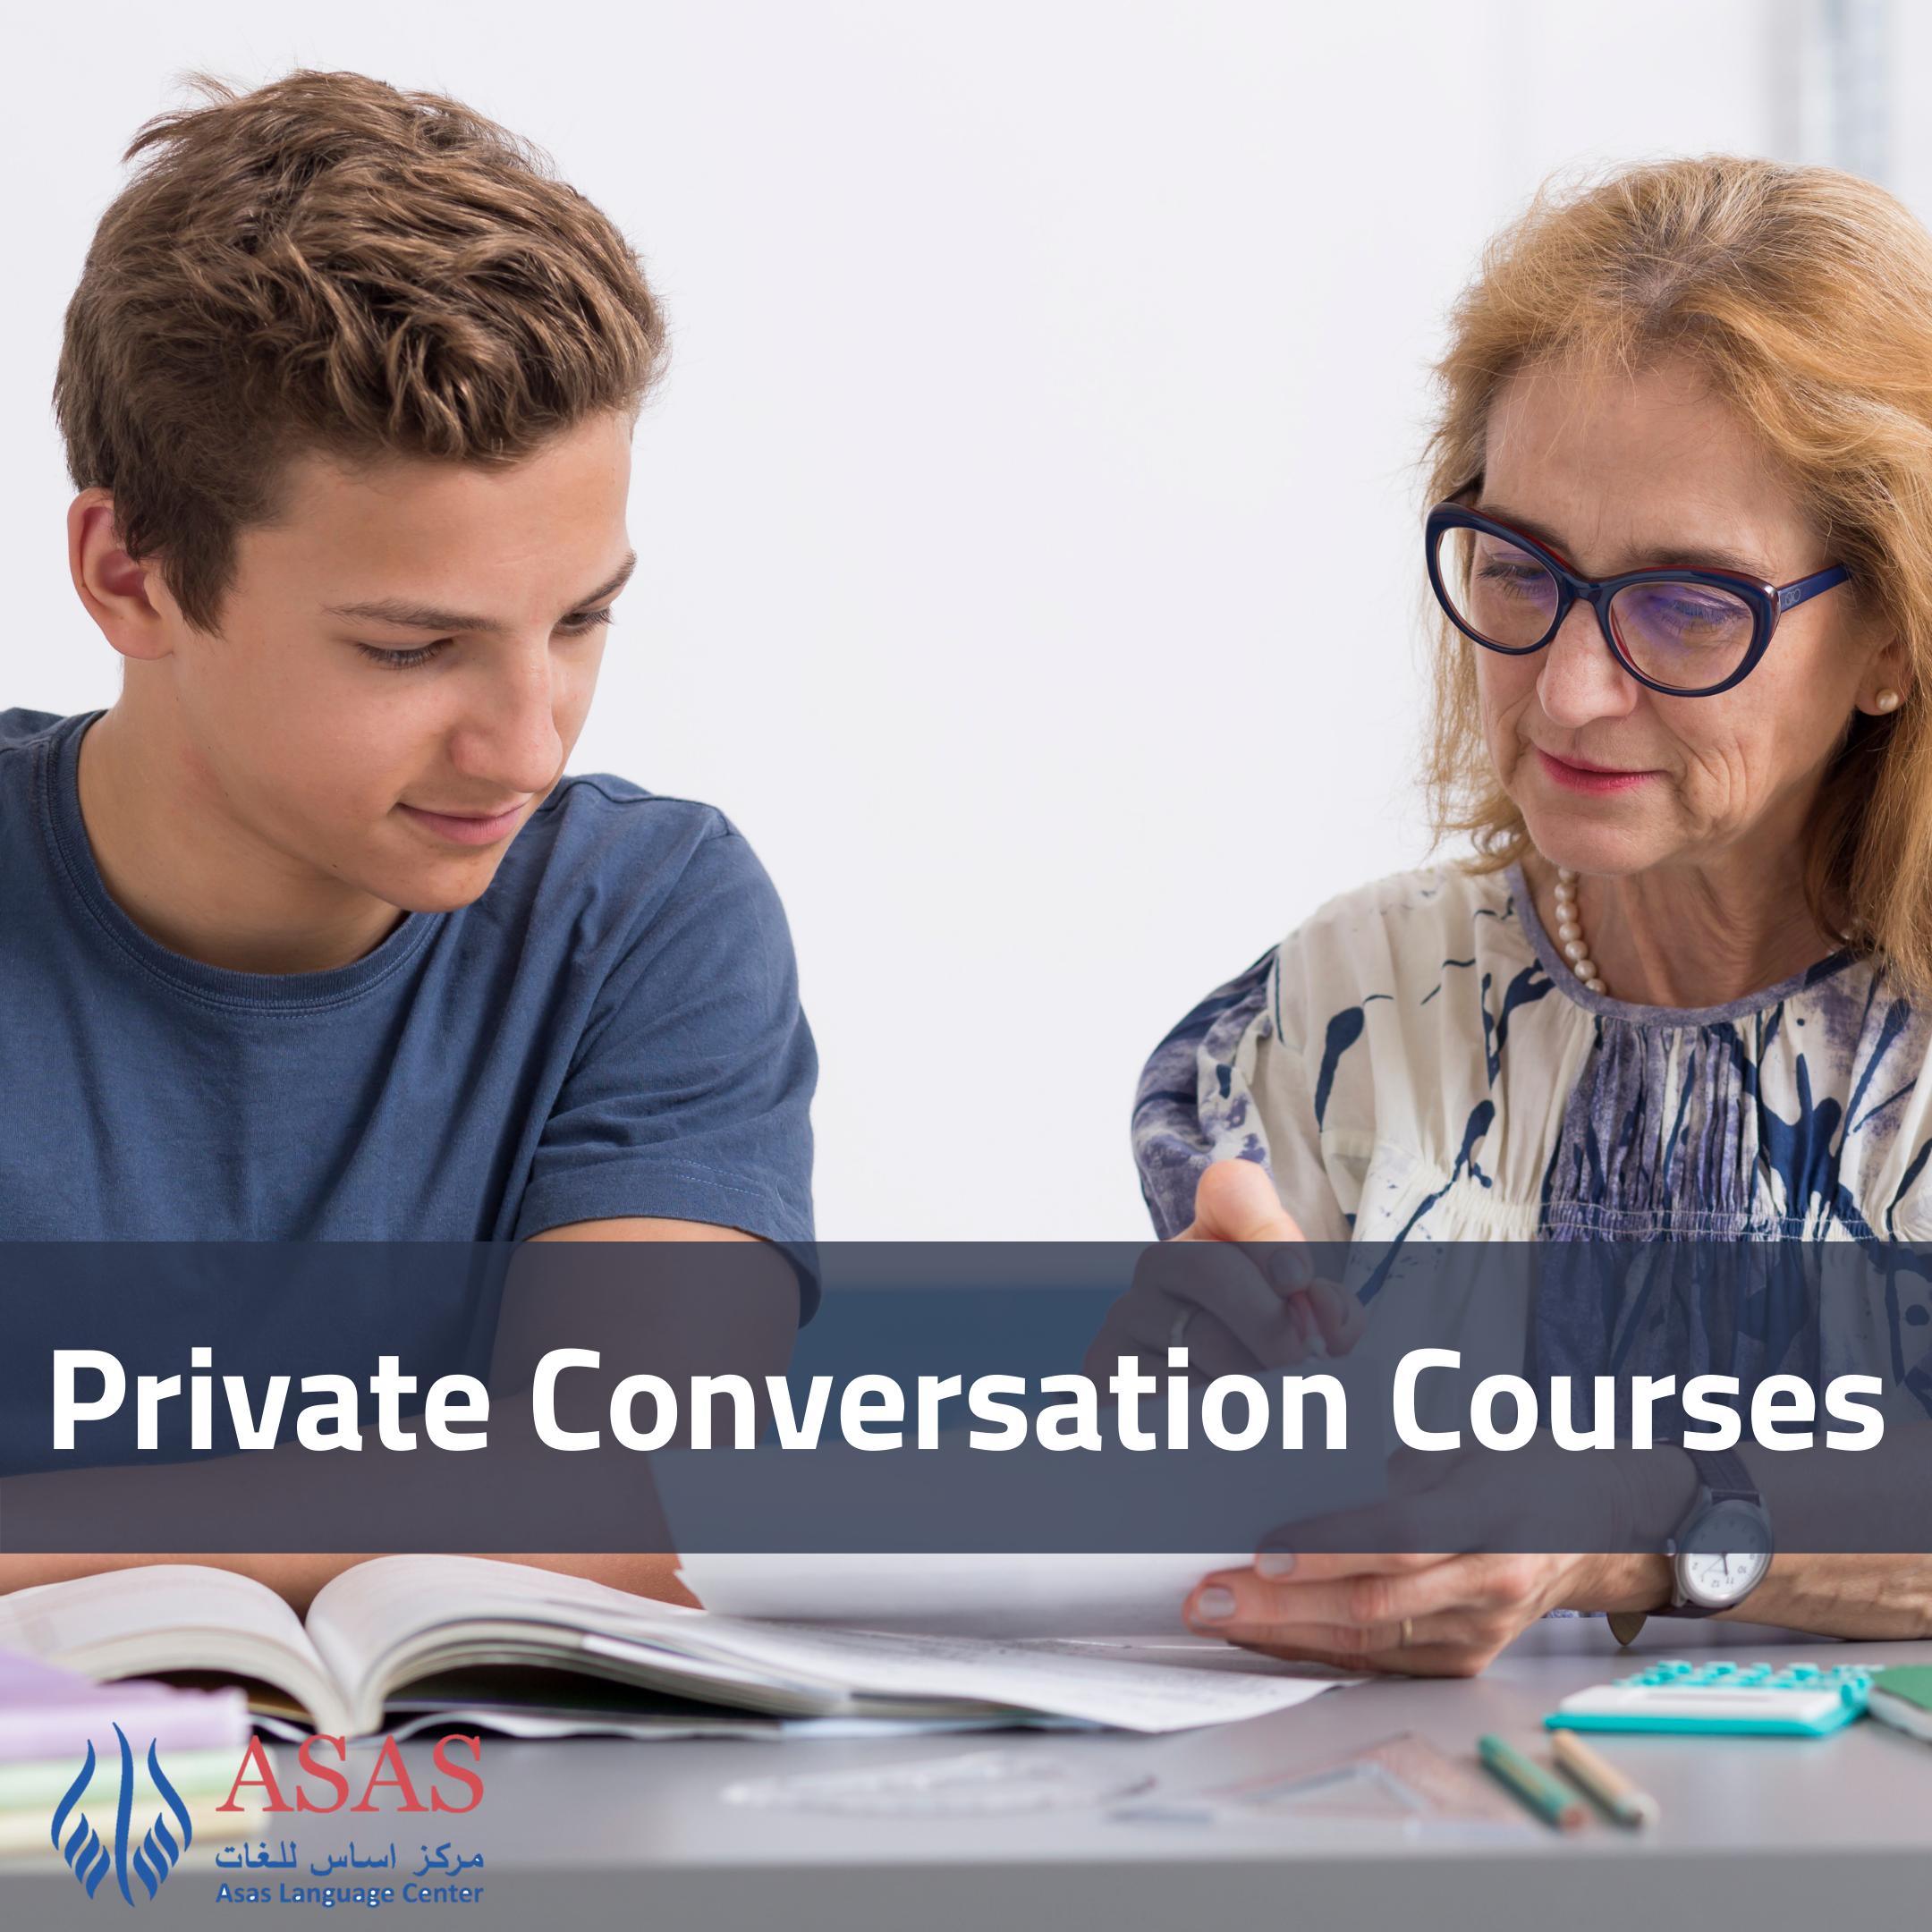 Private Conversation Courses